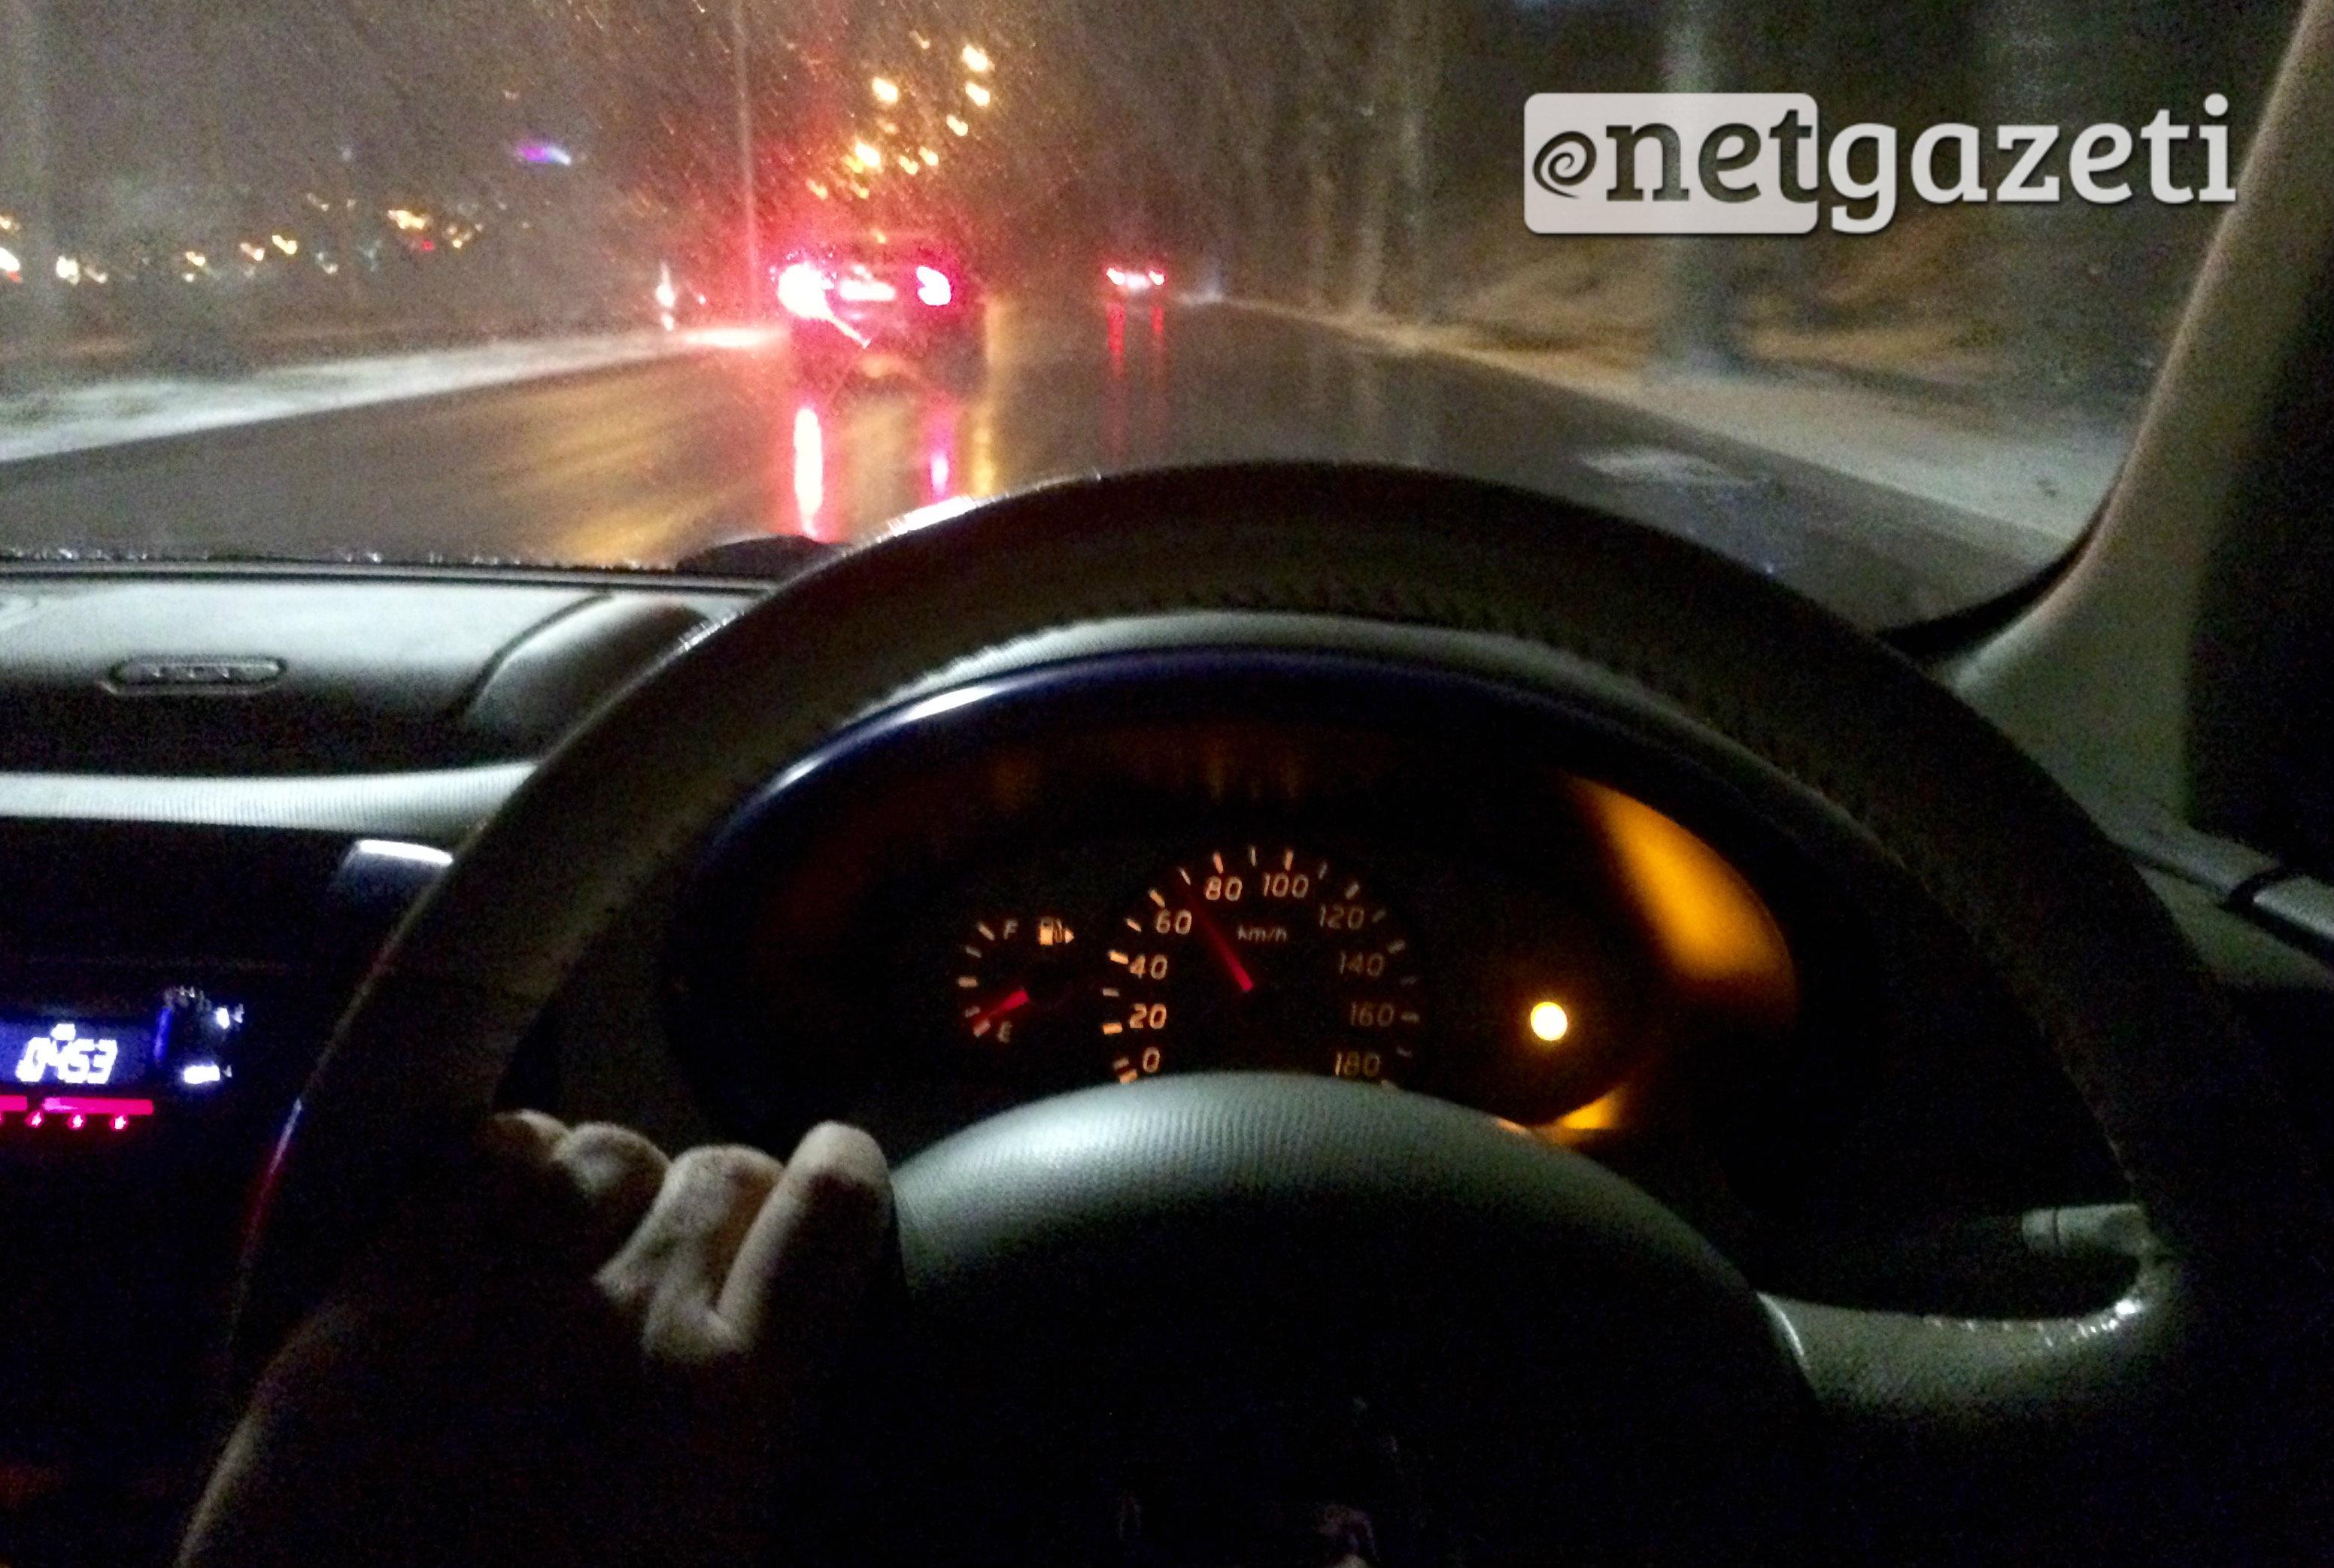 მარჯვენასაჭიანი ავტომობილი (მანქანა). ფოტო: გიორგი დიასამიძე/ნეტგაზეთი